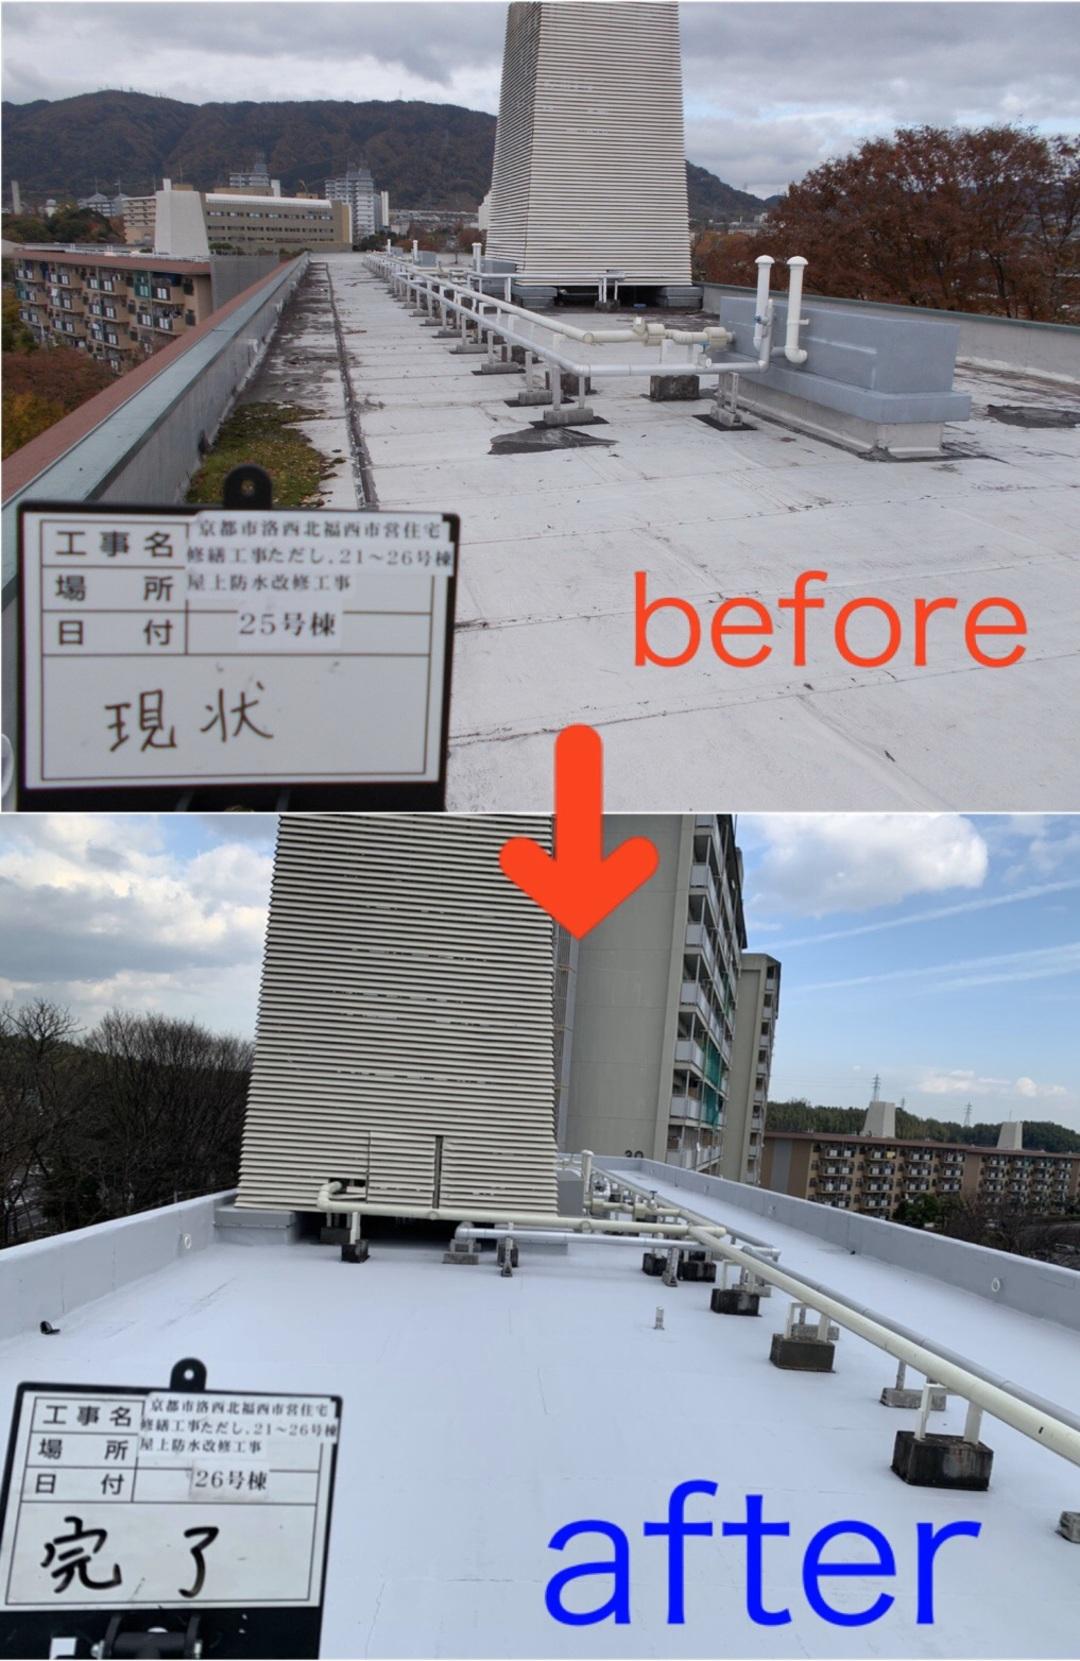 京都市洛西北福西市営住宅 屋上防水改修工事(改質ゴムアスファルト防水断熱工法)のサムネイル